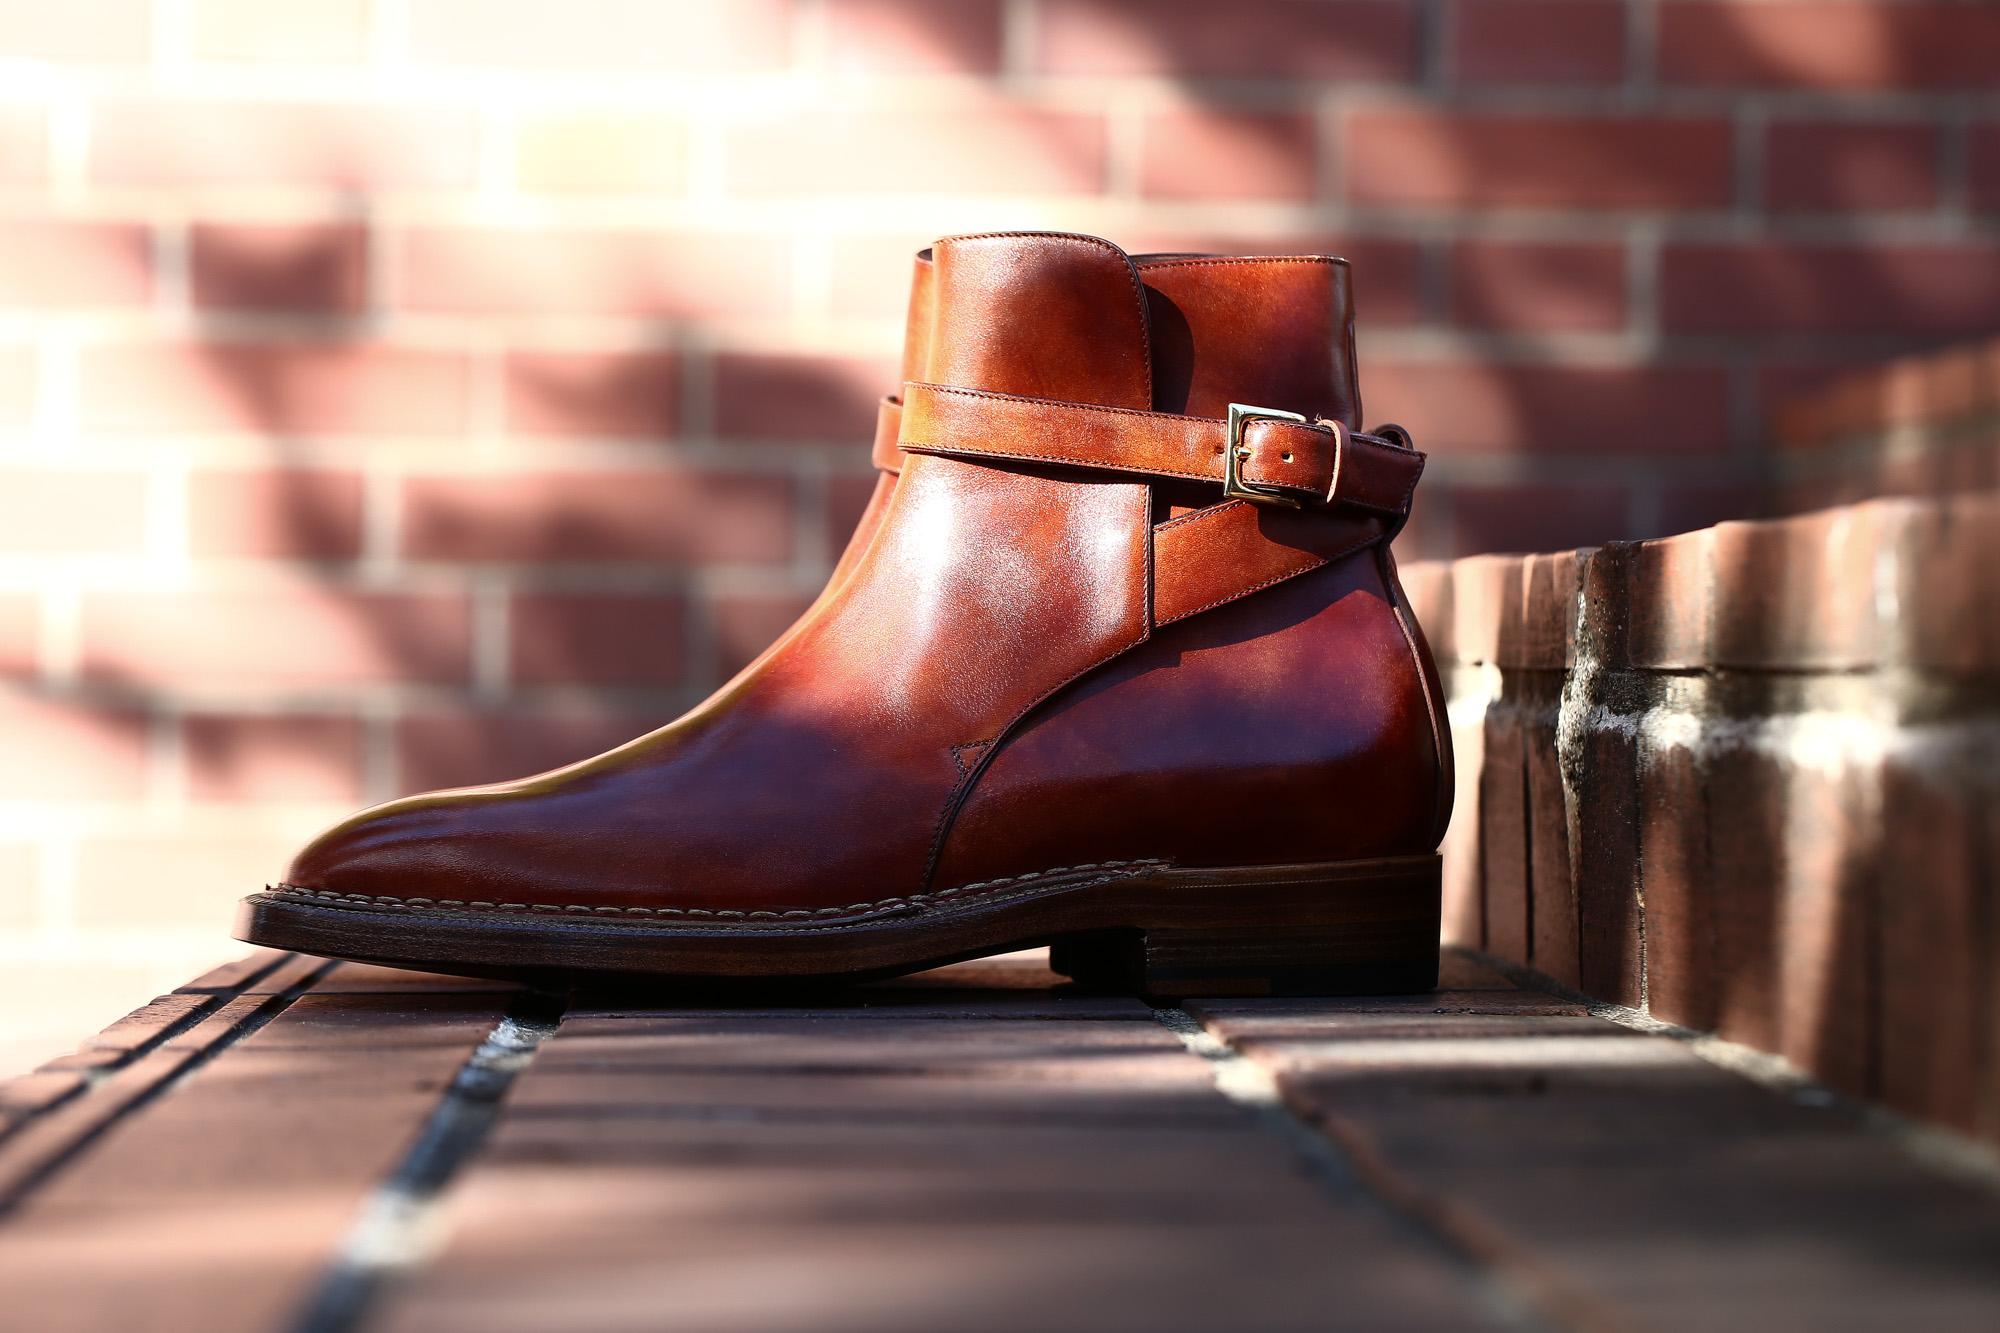 ENZO BONAFE (エンツォボナフェ) ART.EB-13 Jodhpur boots BONAUDO MUSEUM CALF LEATHER ボナウド社ミュージアムカーフレザー ジョッパーブーツ NEW GOLD (ニューゴールド) made in italy (イタリア製) enozbonafe eb13 ジョッパーブーツ ブーツ 愛知 名古屋 Alto e Diritto アルト エ デリット